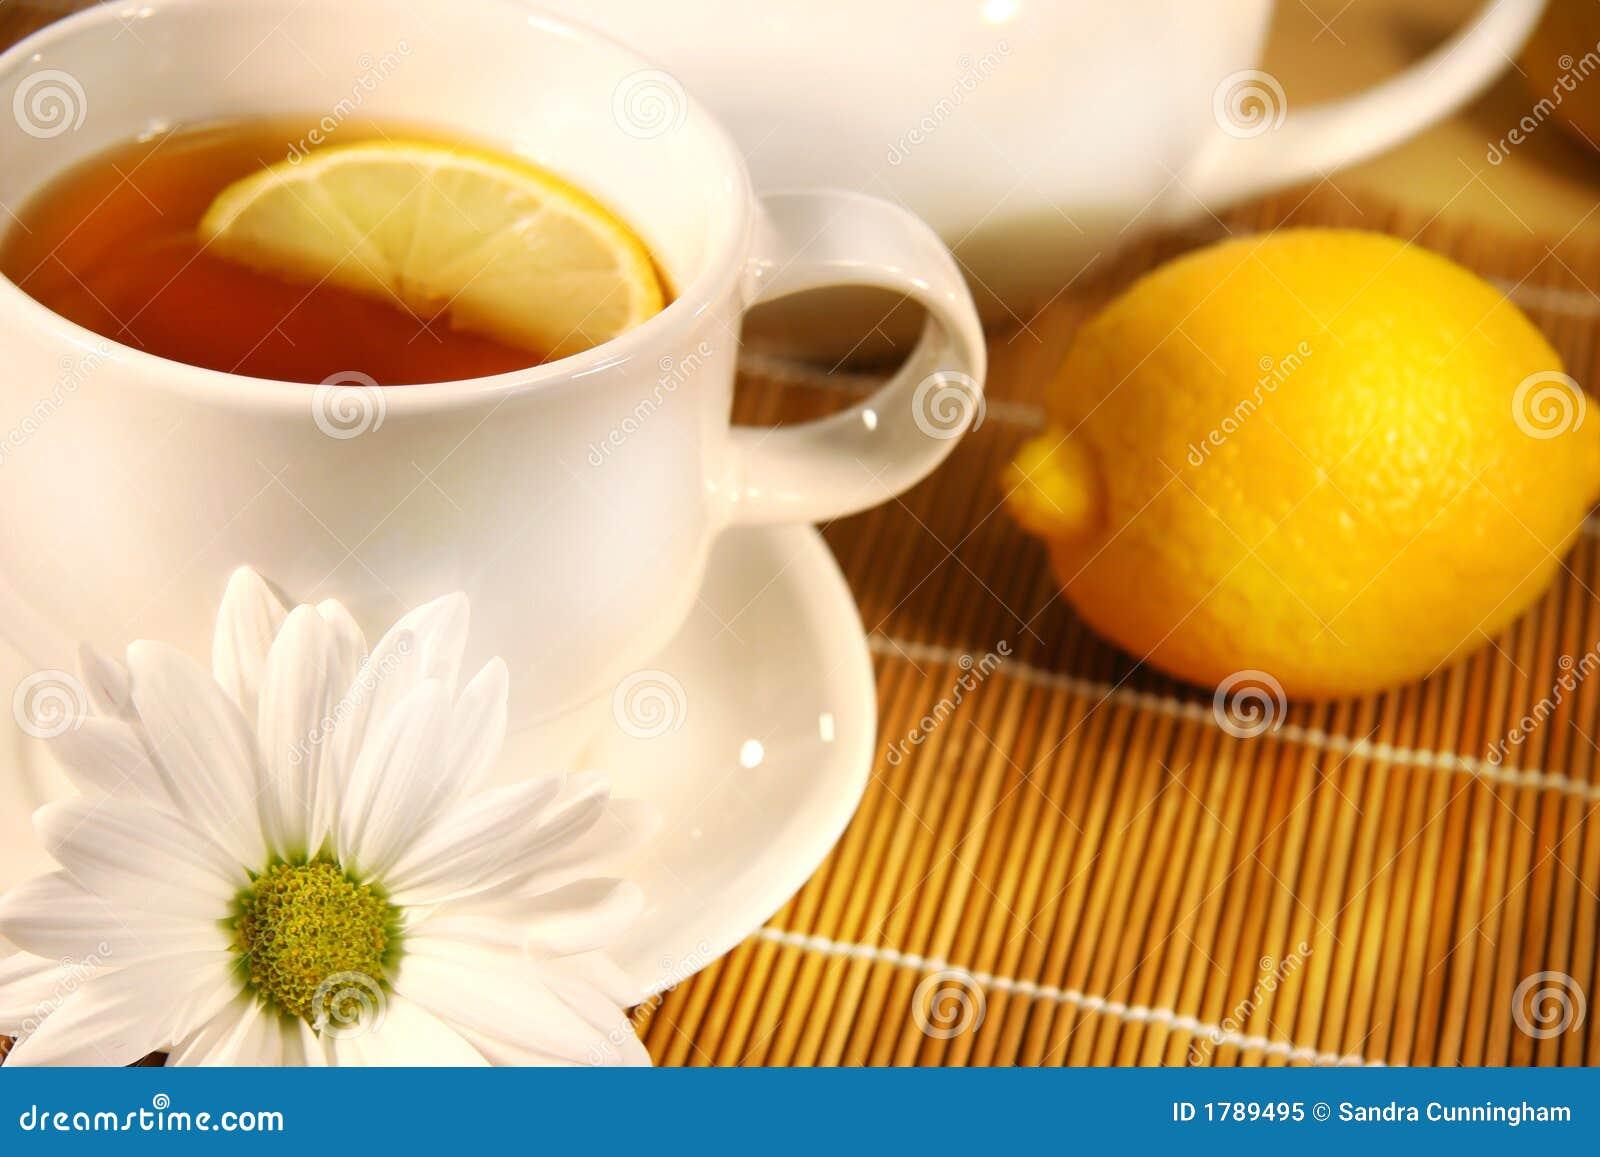 柠檬片式茶